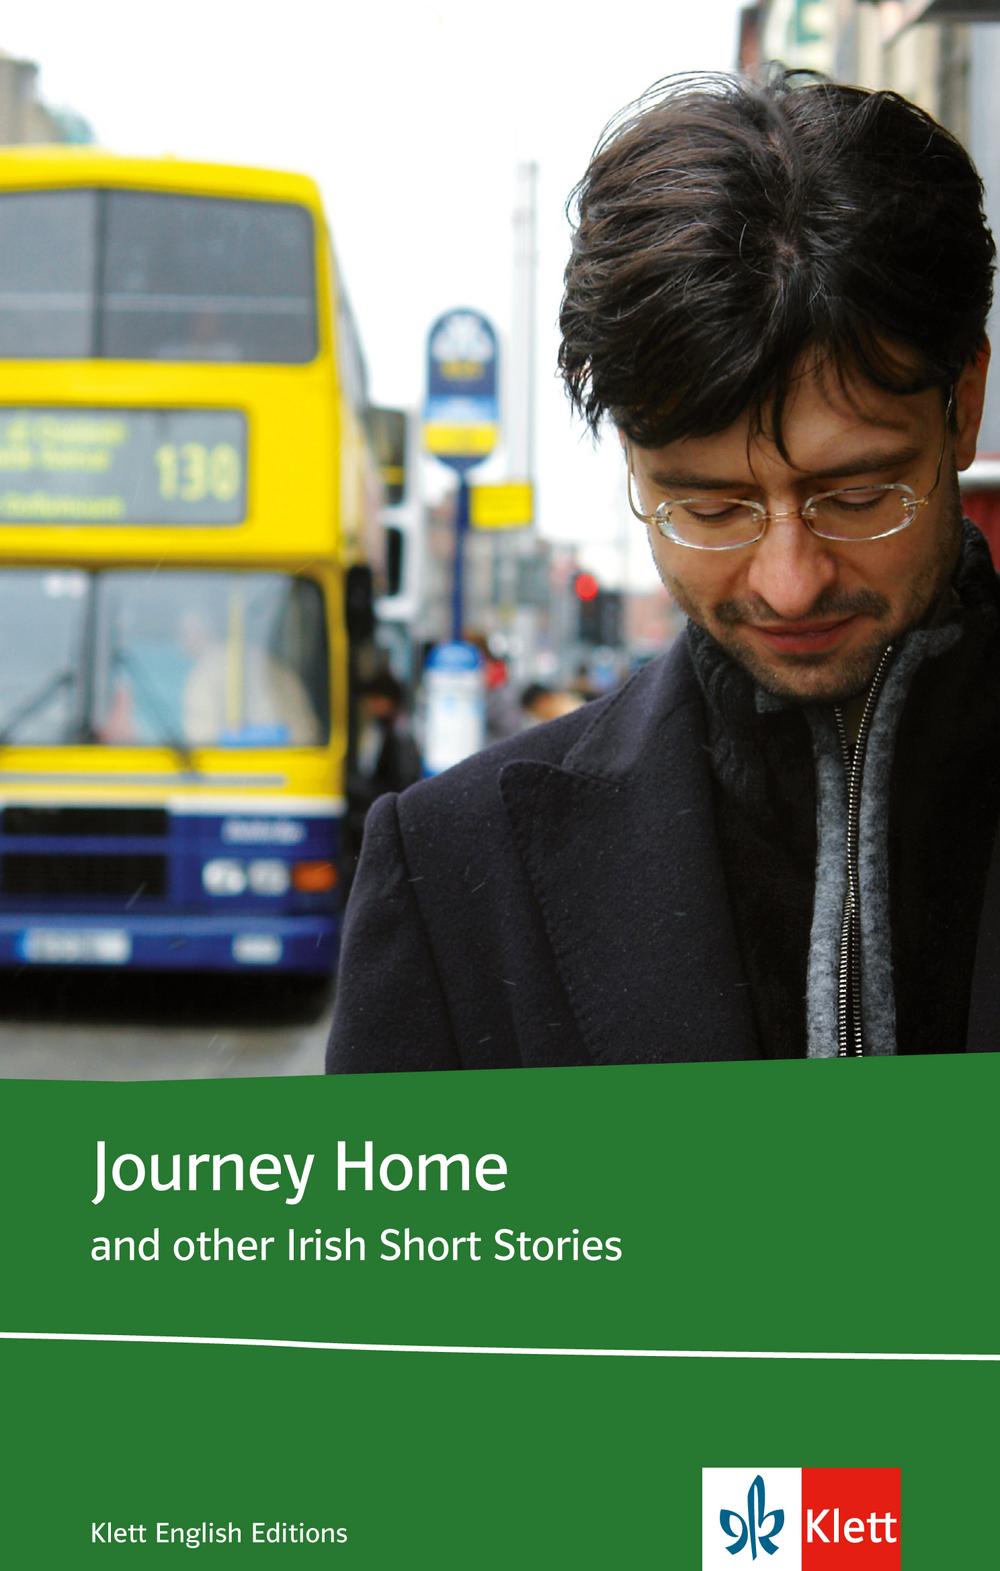 Journey Home and other Irish Short Stories. Schülerbuch (Lektüre mit Zusatztexten): Klett English Editions. Lektüre mit Zusatztexten - Noreen O´Donovan